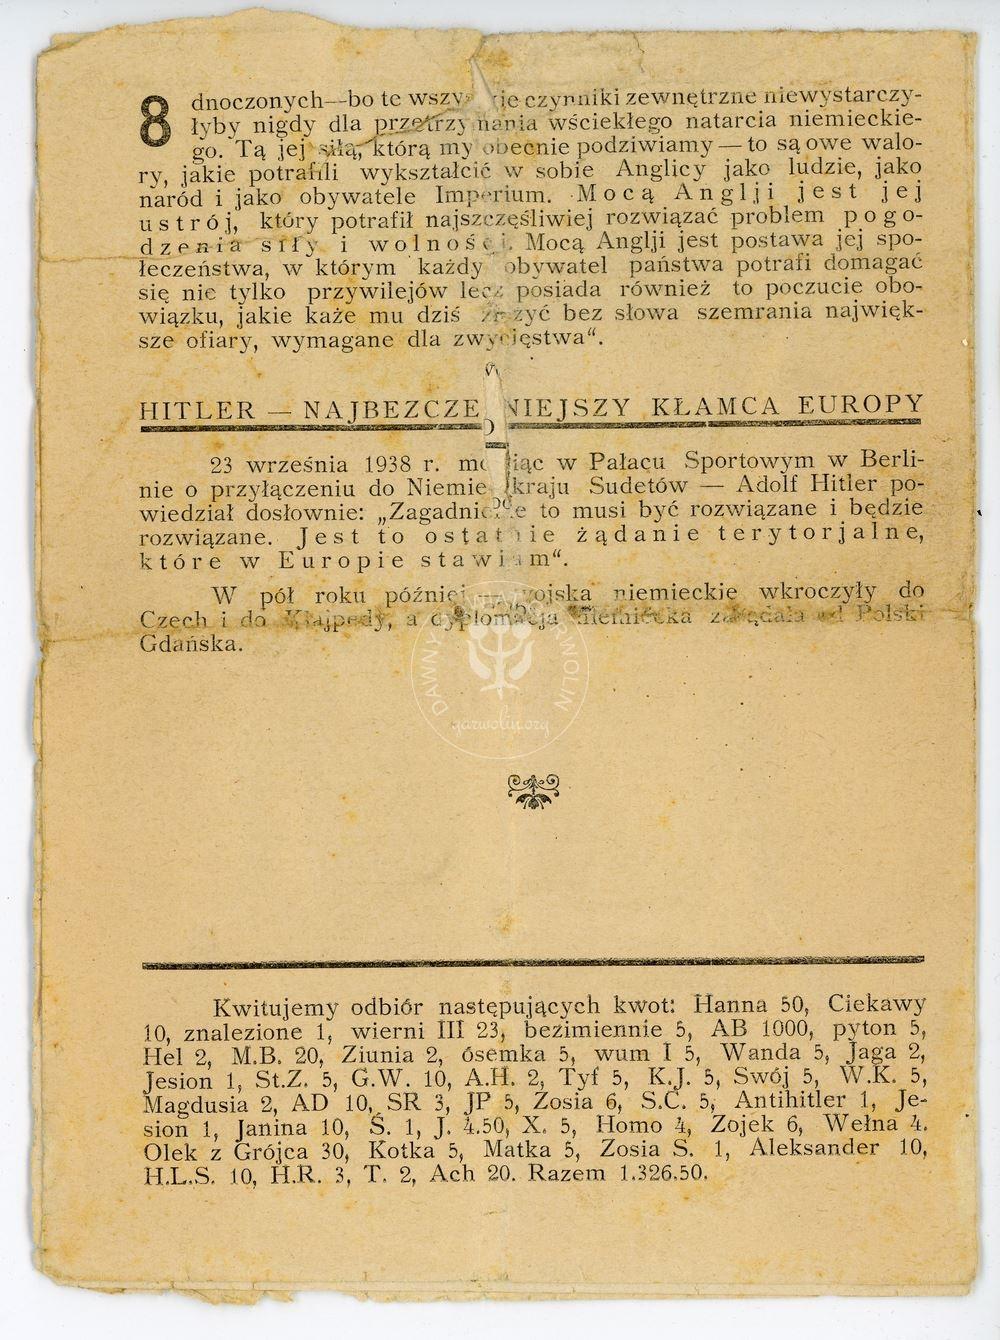 BIULETYN_INFORMACYJNY_20_LUTY_1941_005 (garwolin.org)